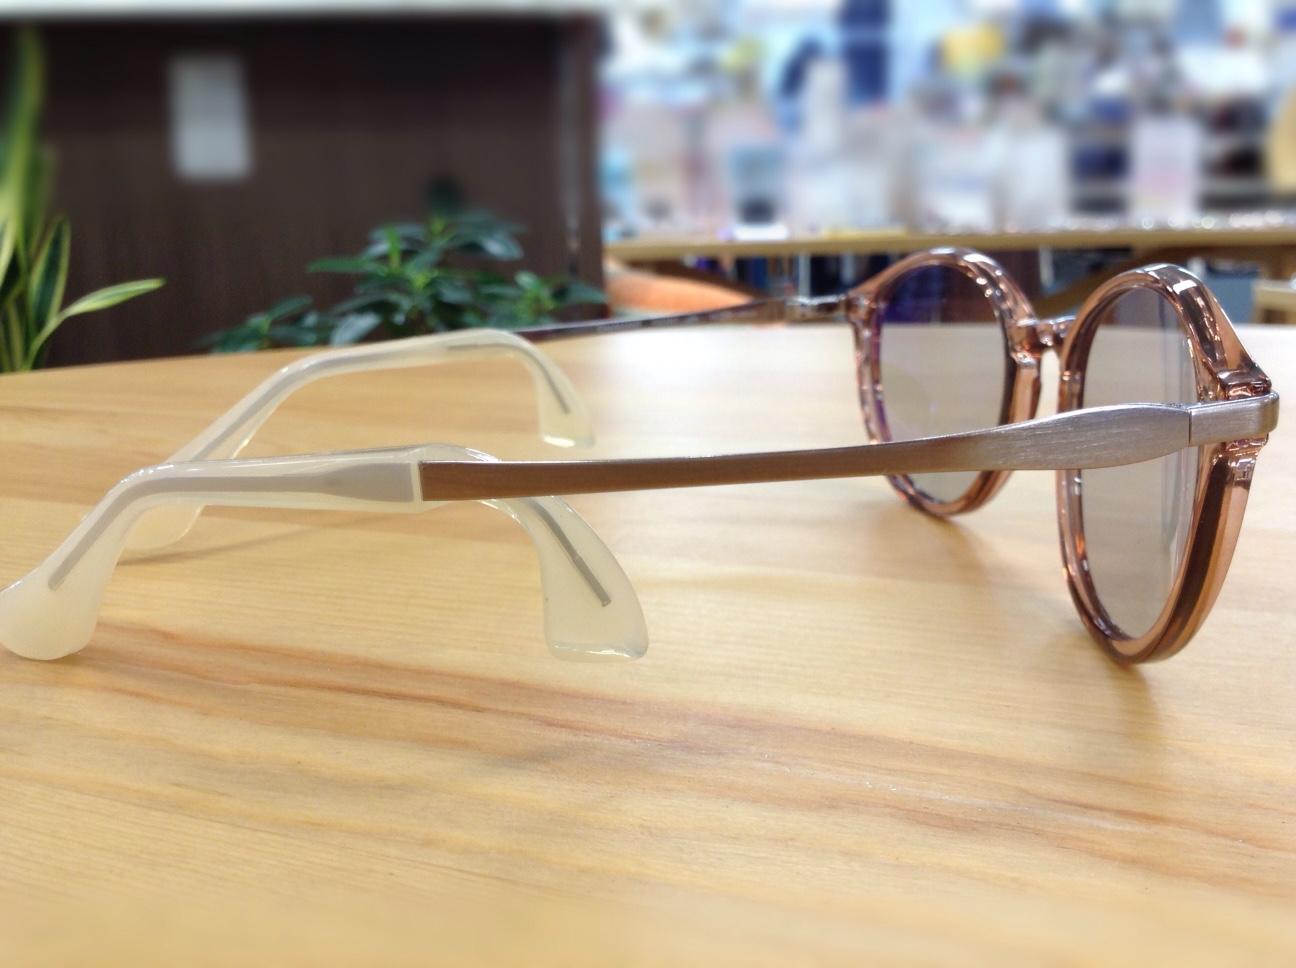 ちょこサン 品番:FG24507 カラー:PK レンズサイズ:49ミリ